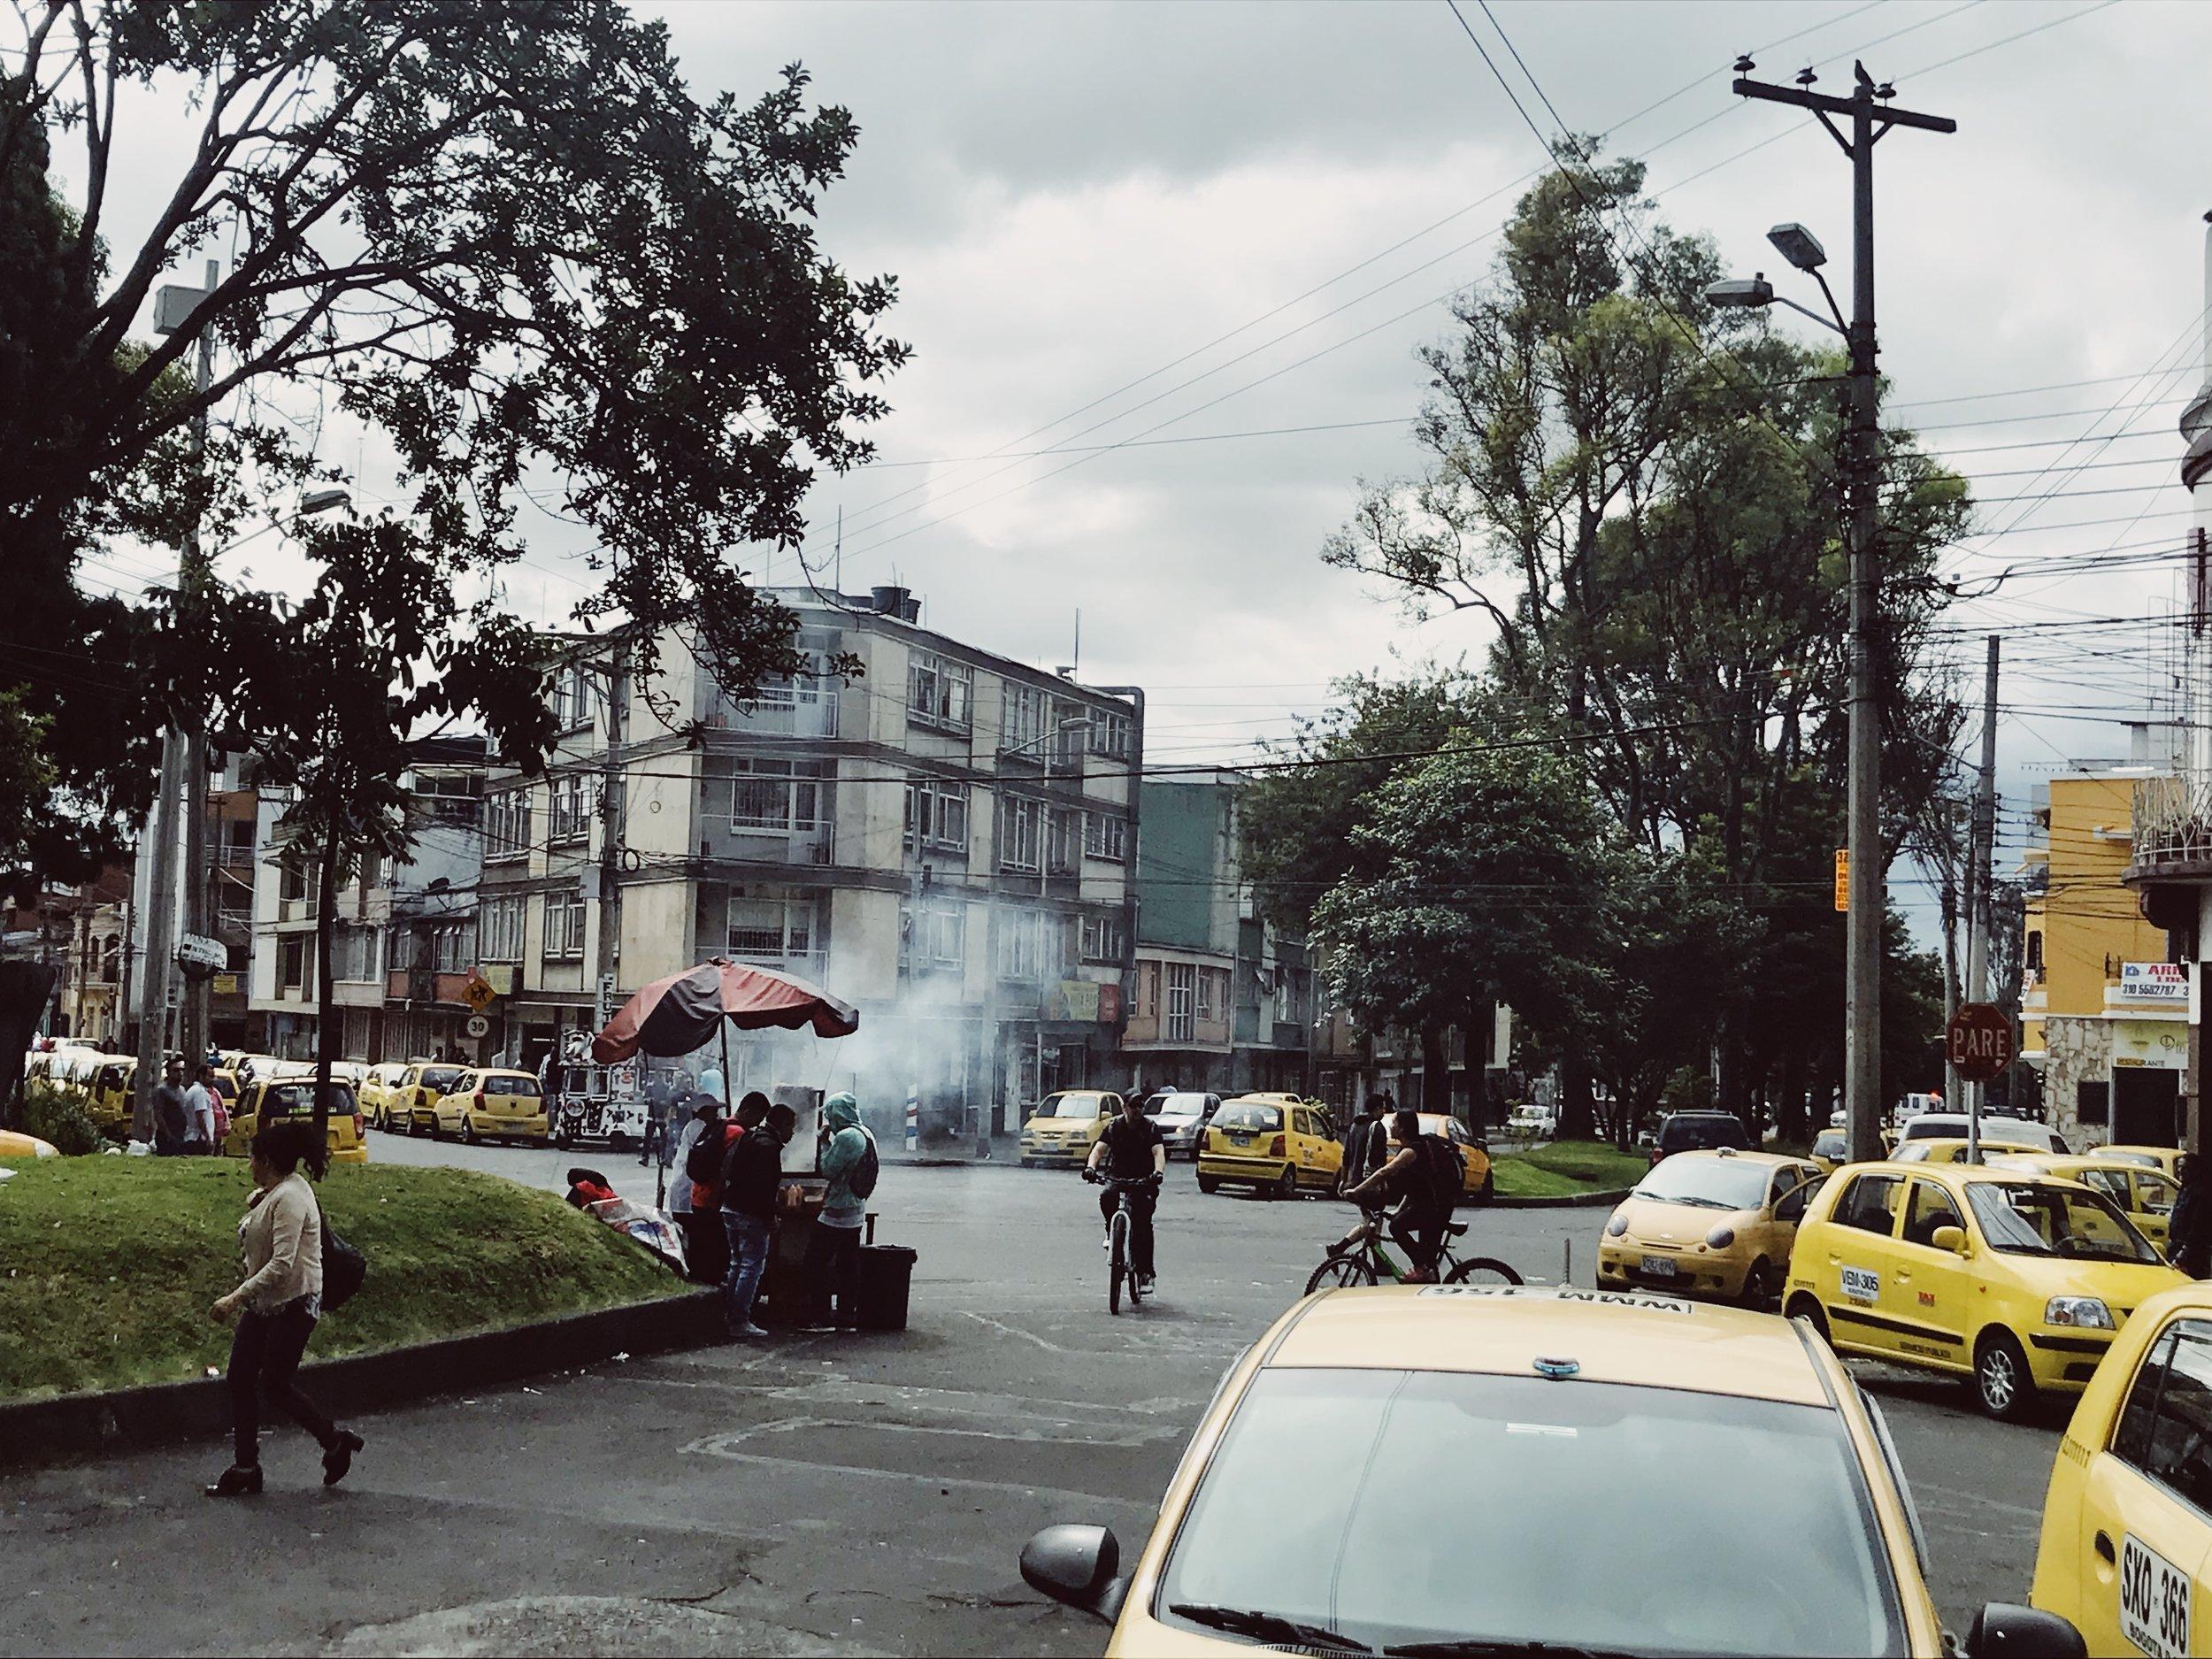 Calle 42, La Soledad, Bogotá